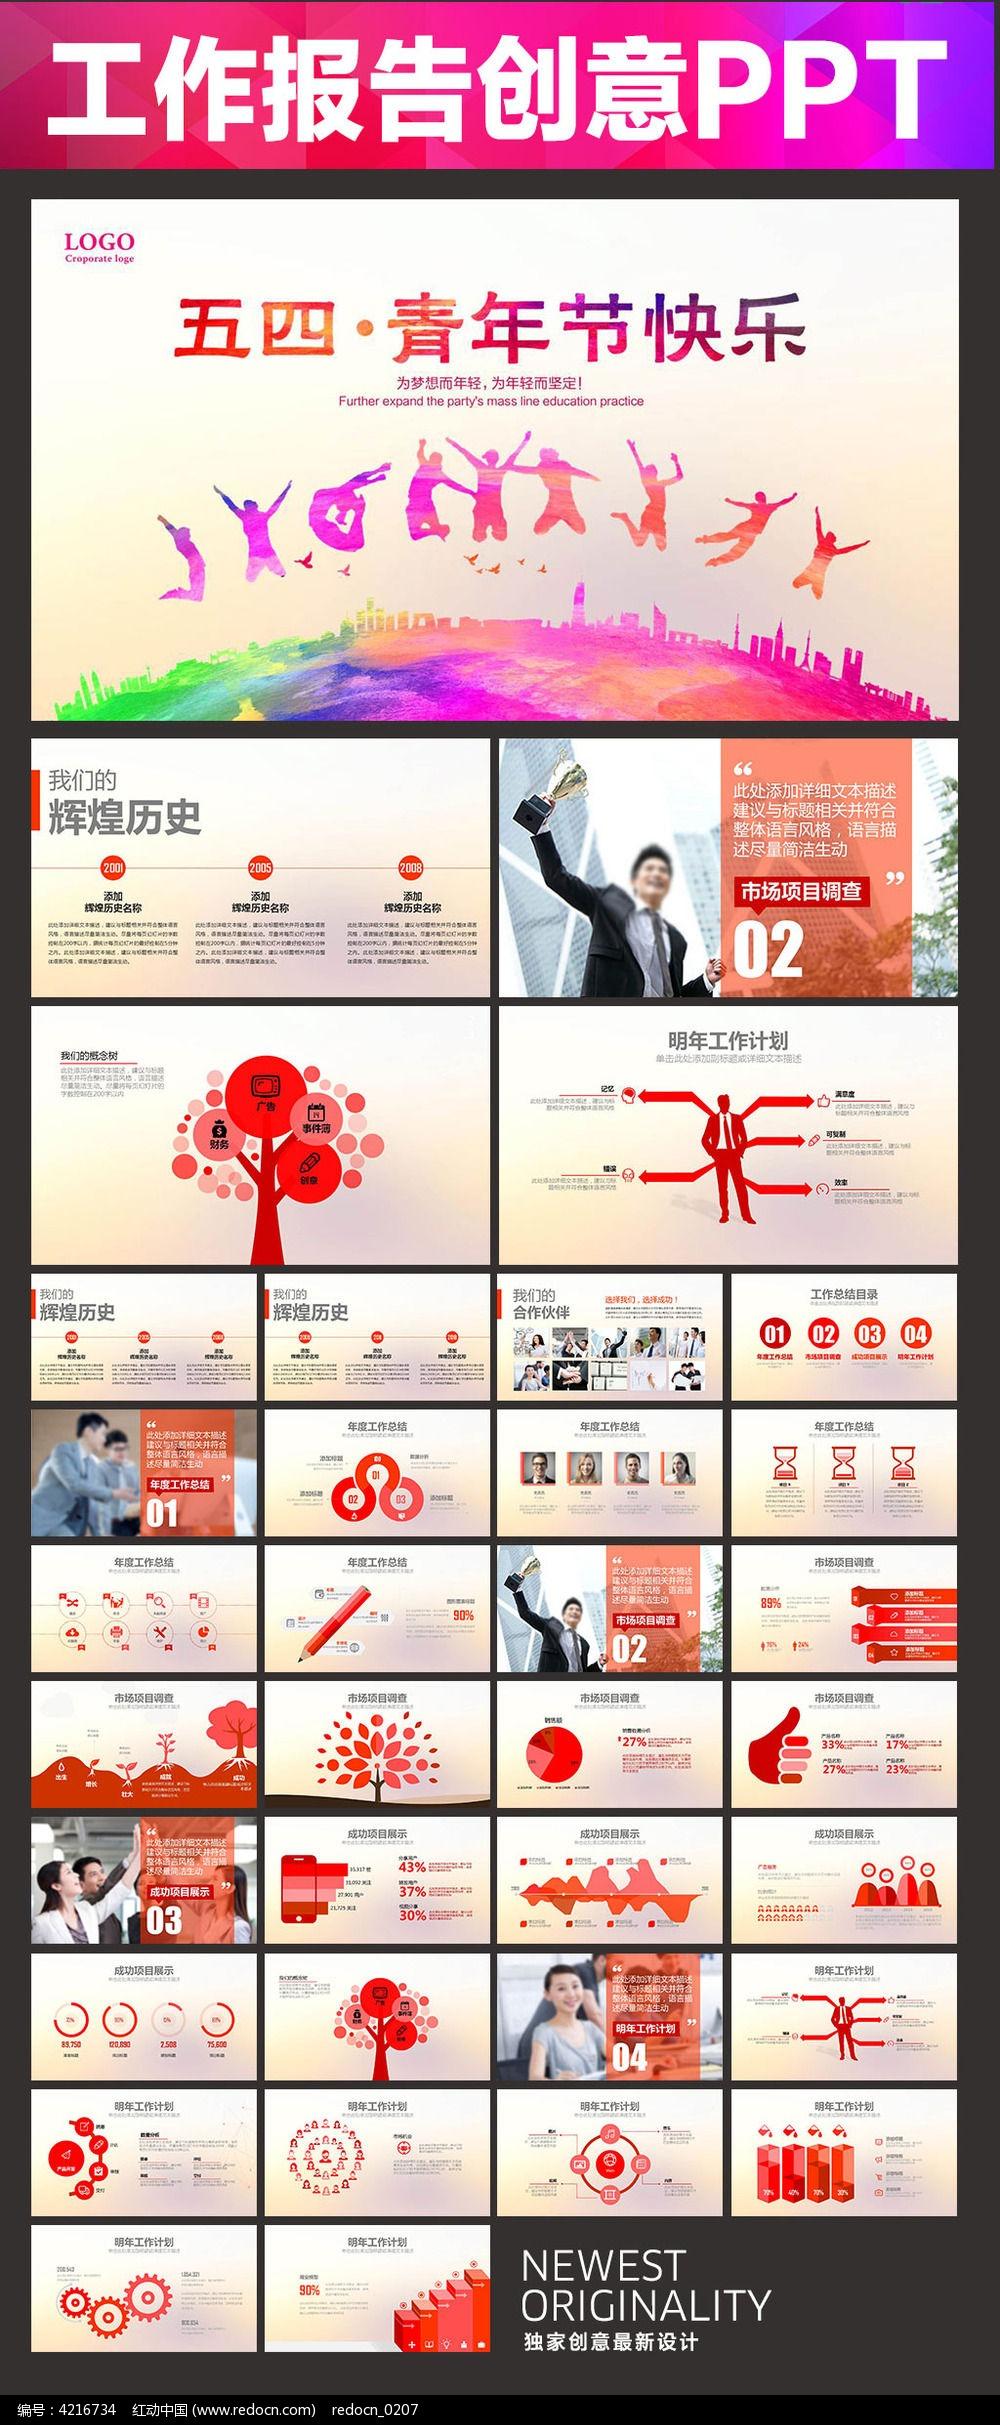 快乐五四青年节共青团PPT模板图片